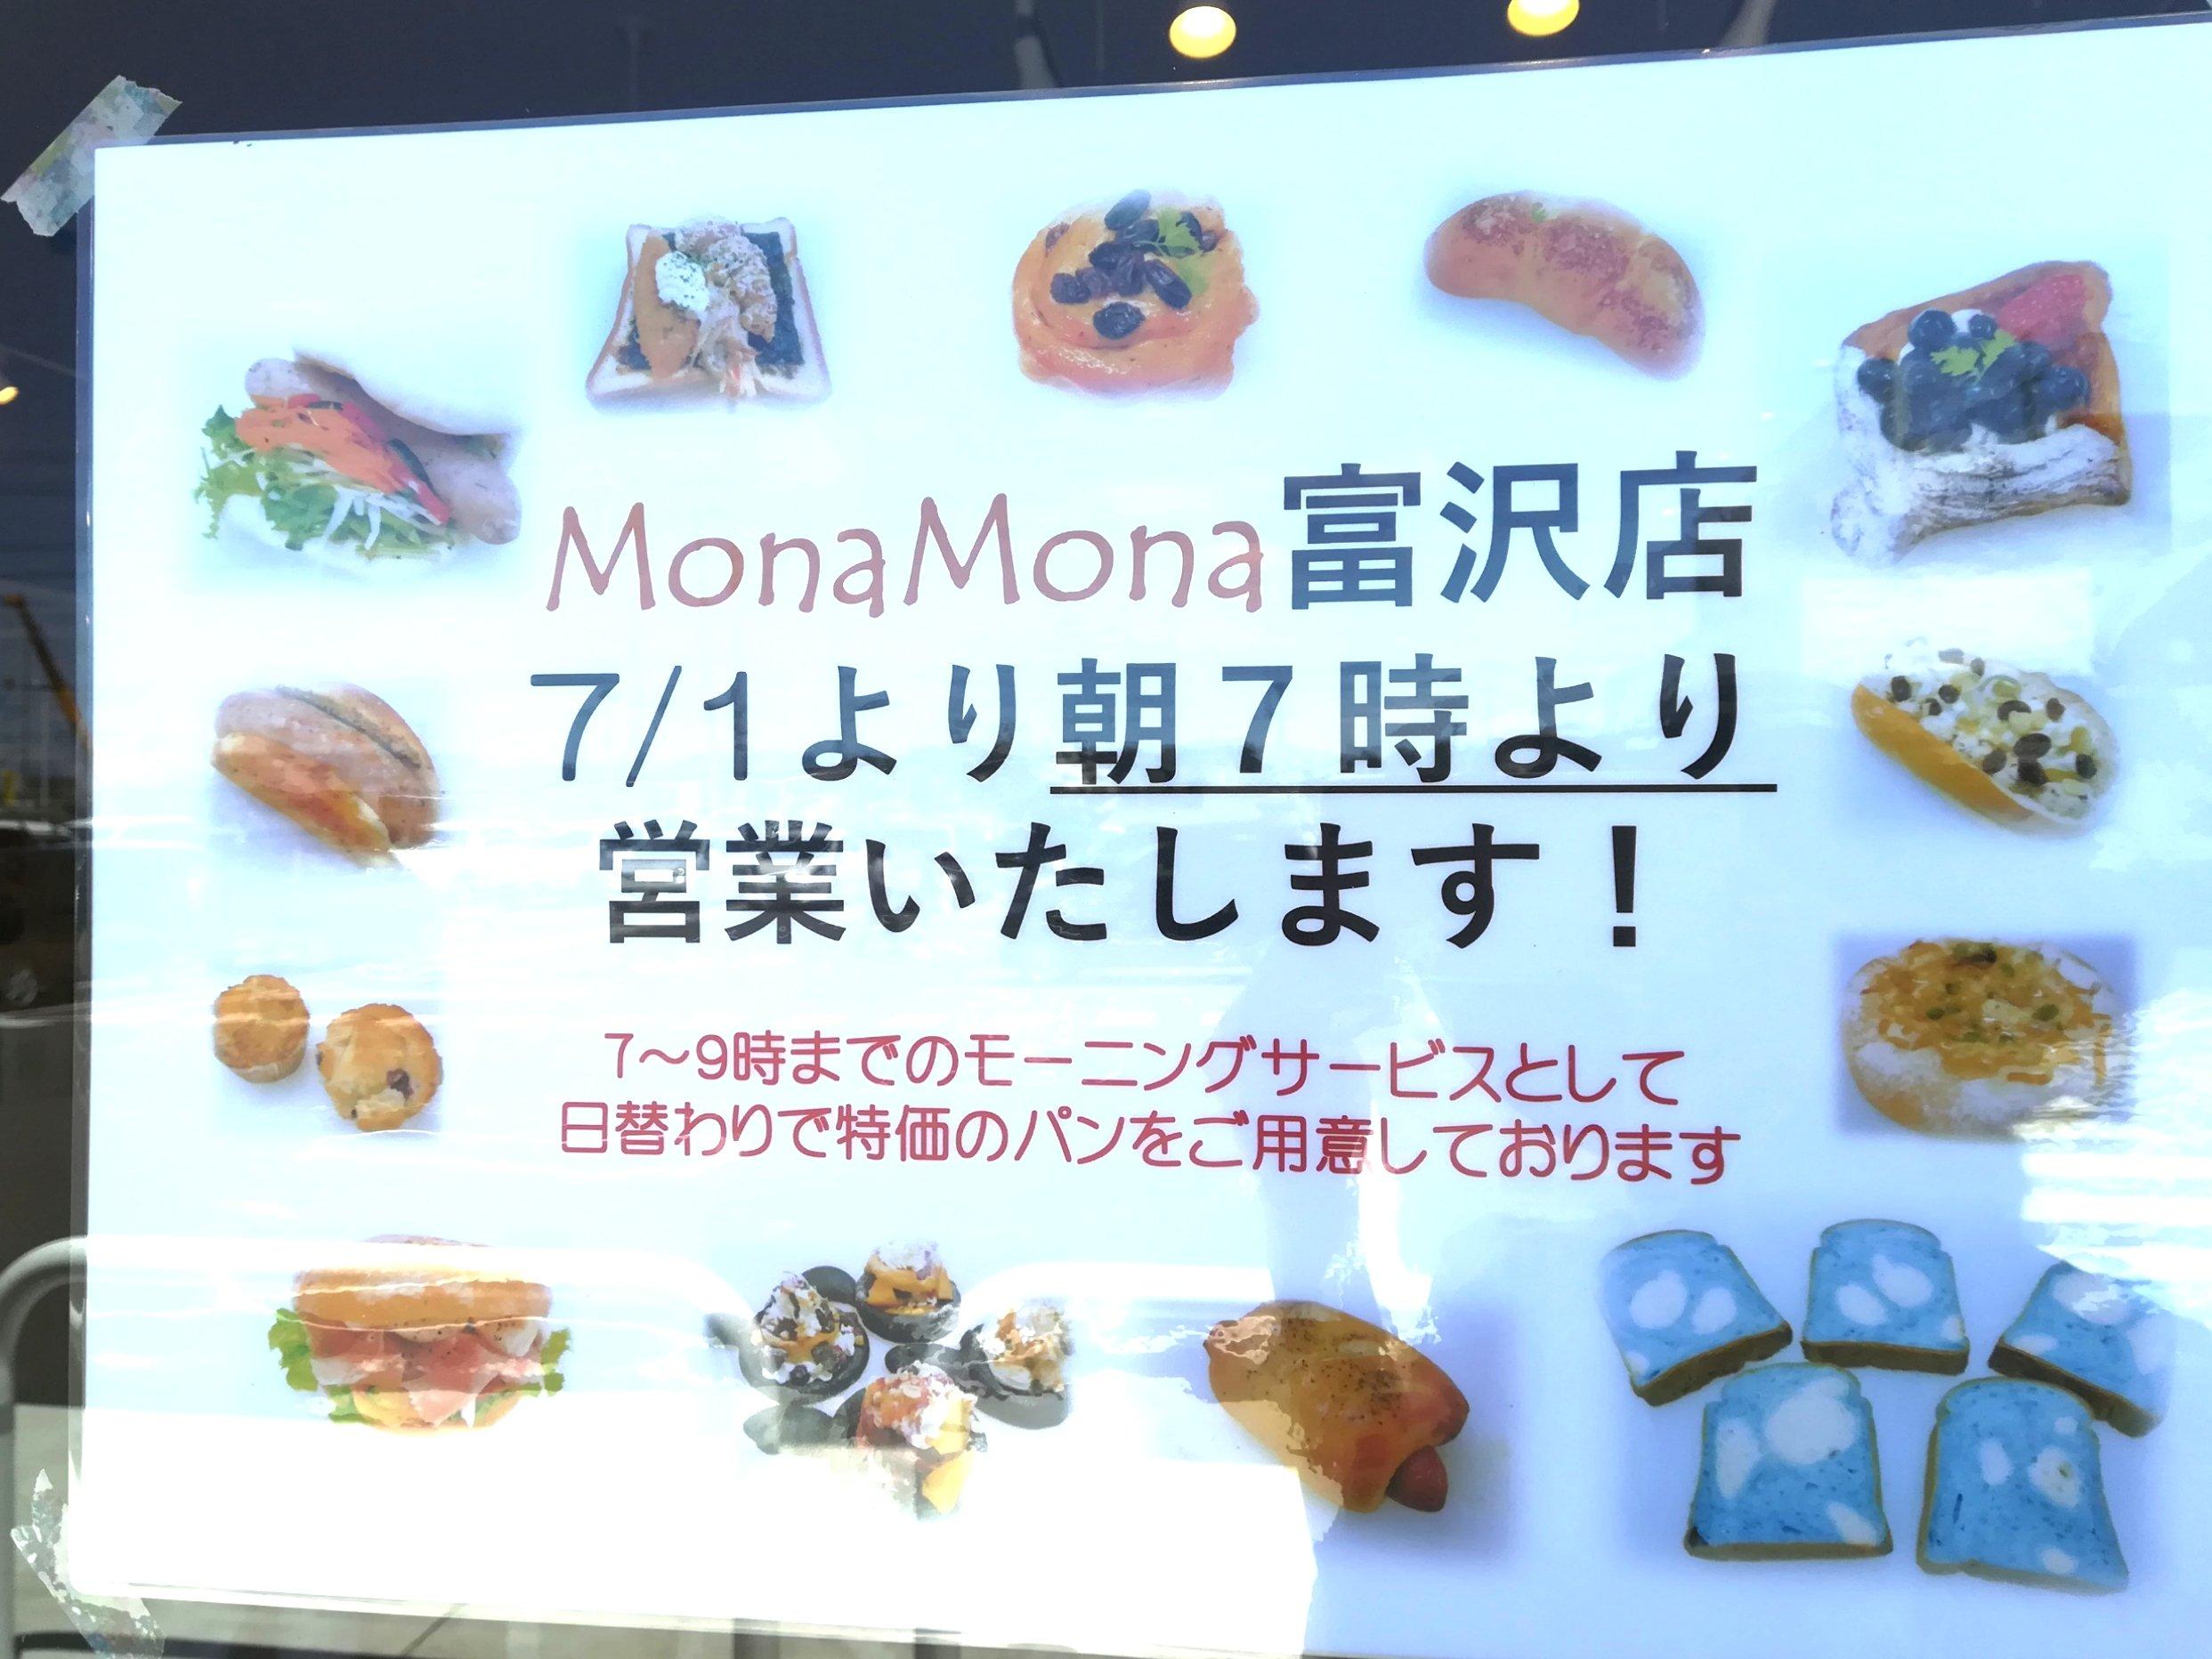 モナモナ富沢店 モーニング